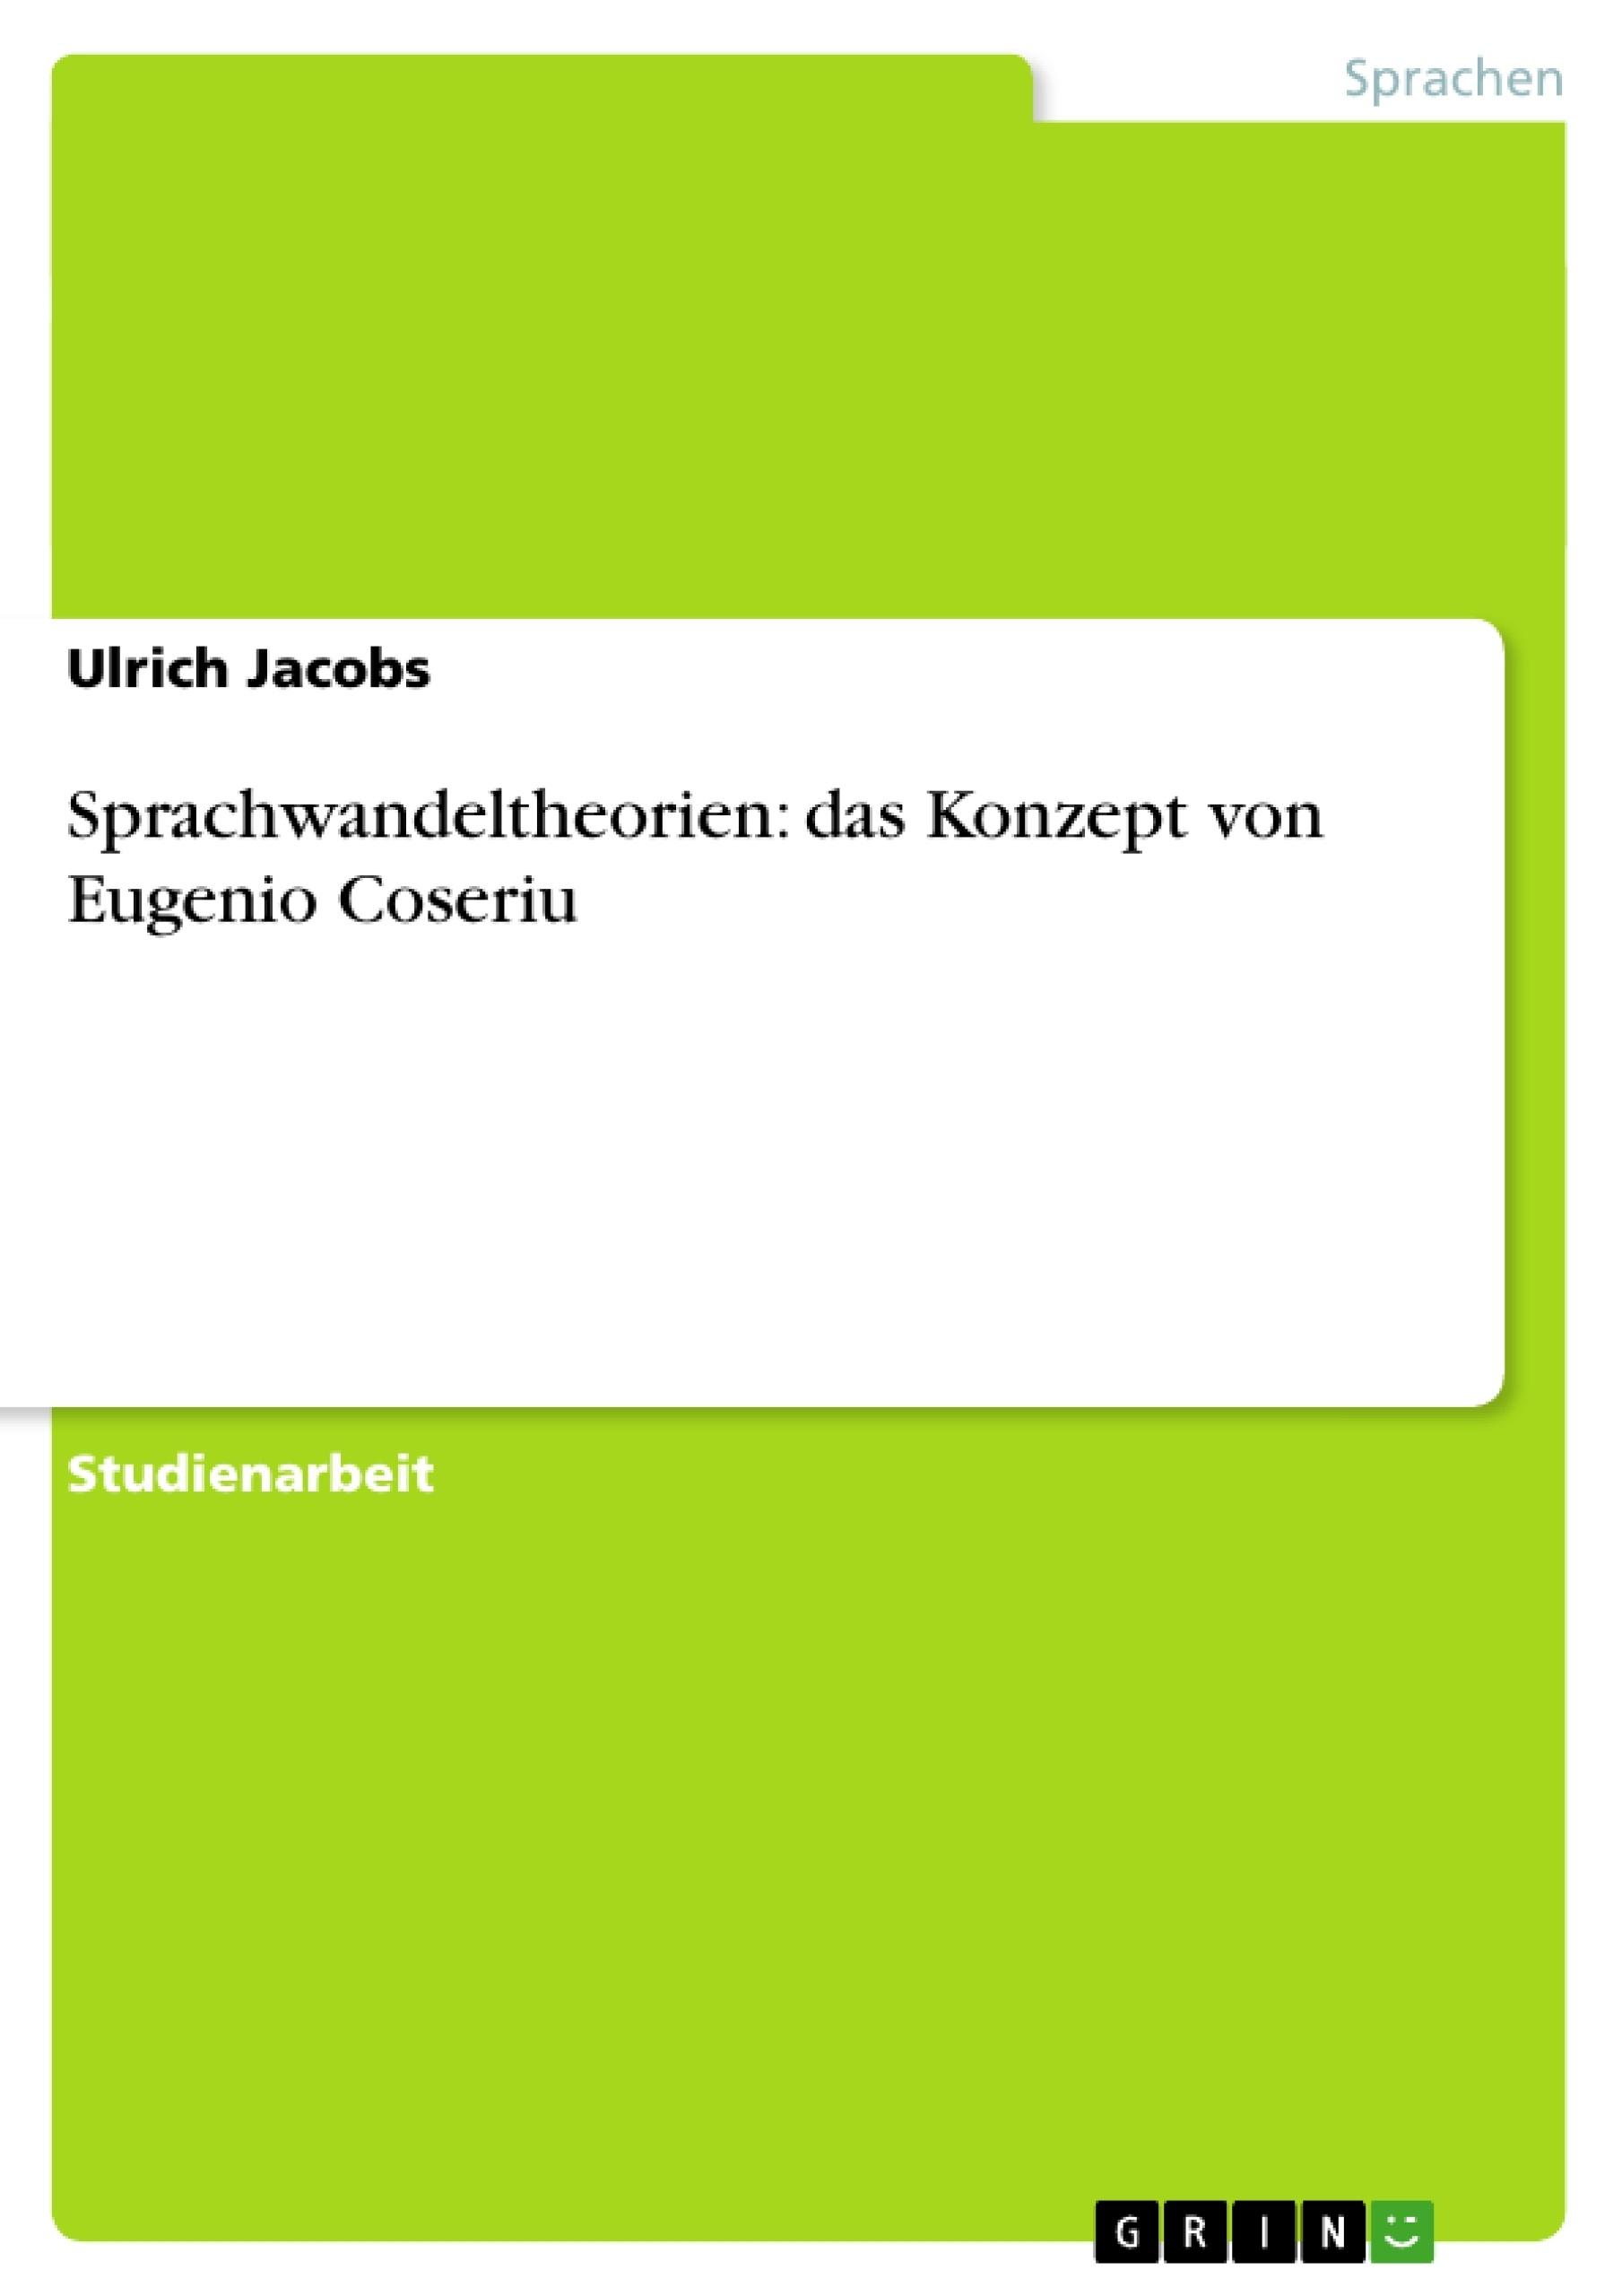 Titel: Sprachwandeltheorien: das Konzept von Eugenio Coseriu